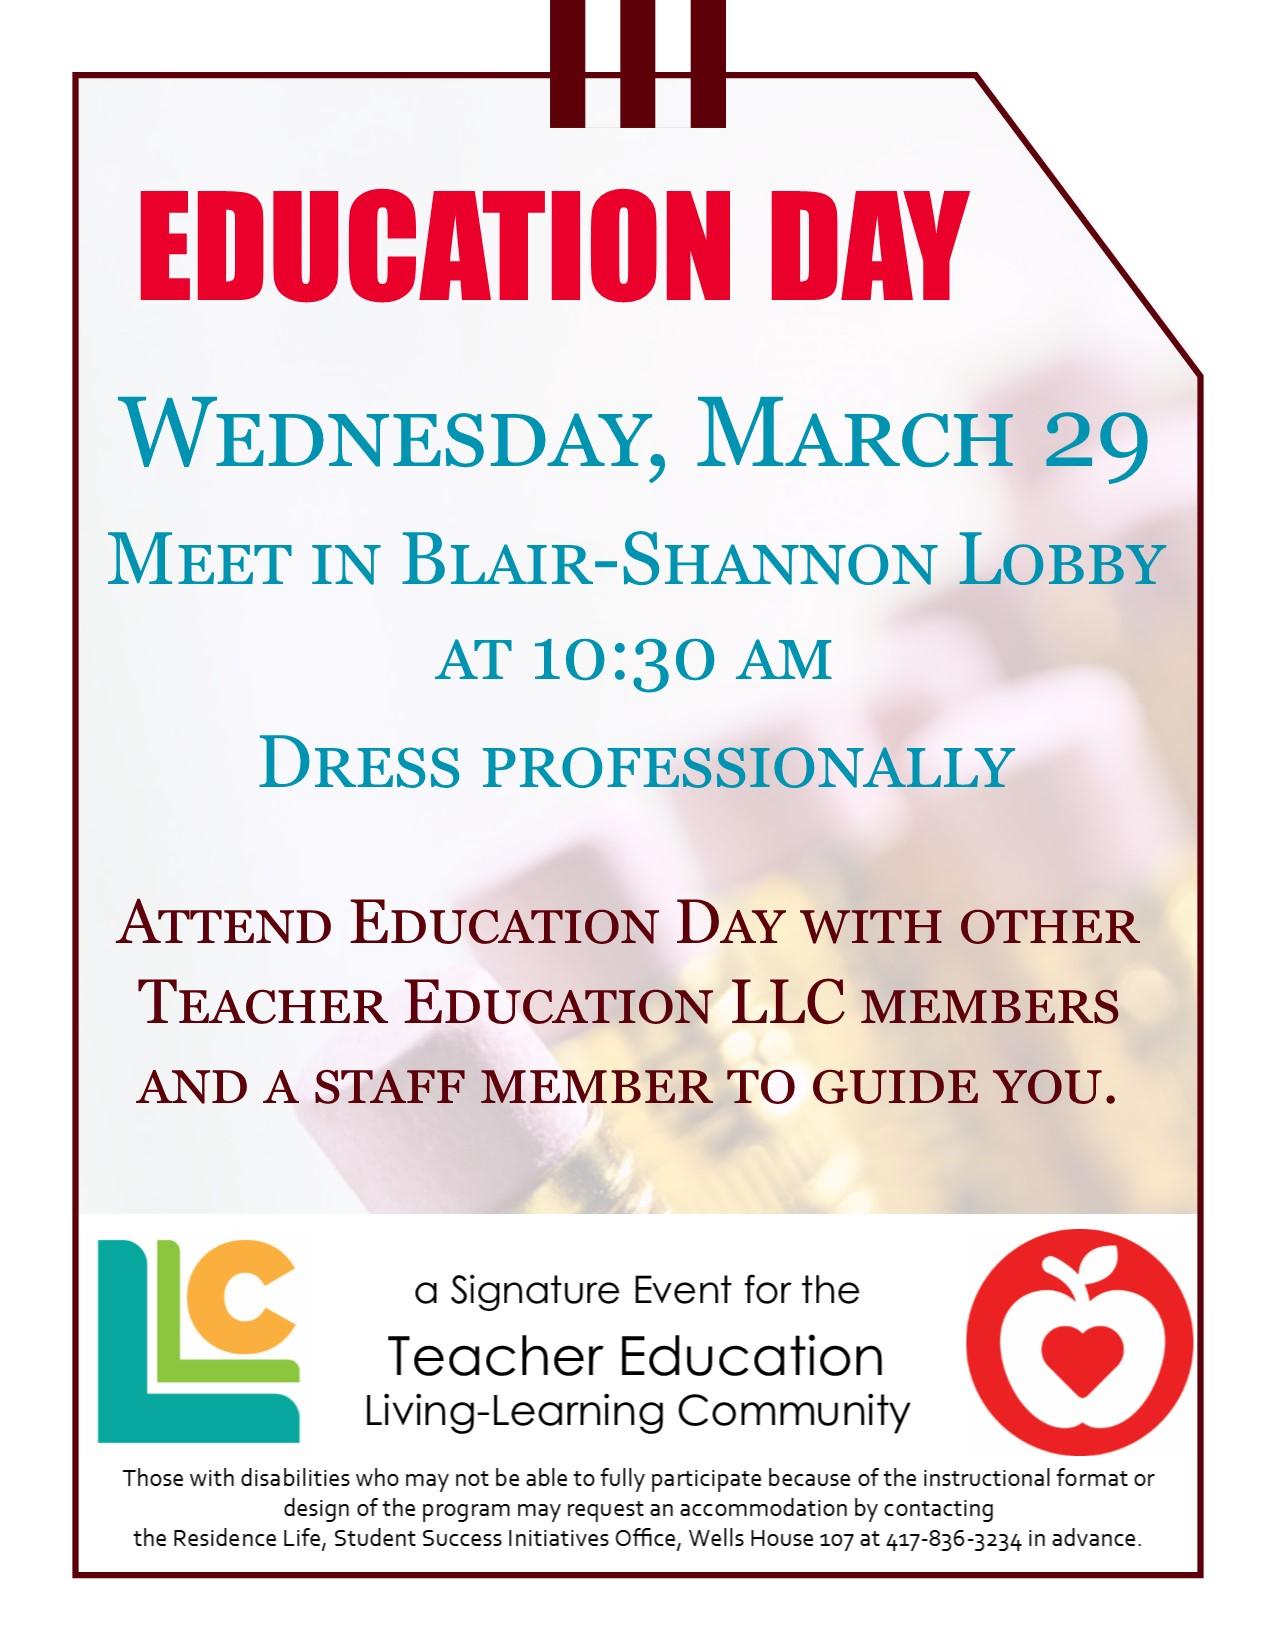 Teacher Education LLC: Education Day